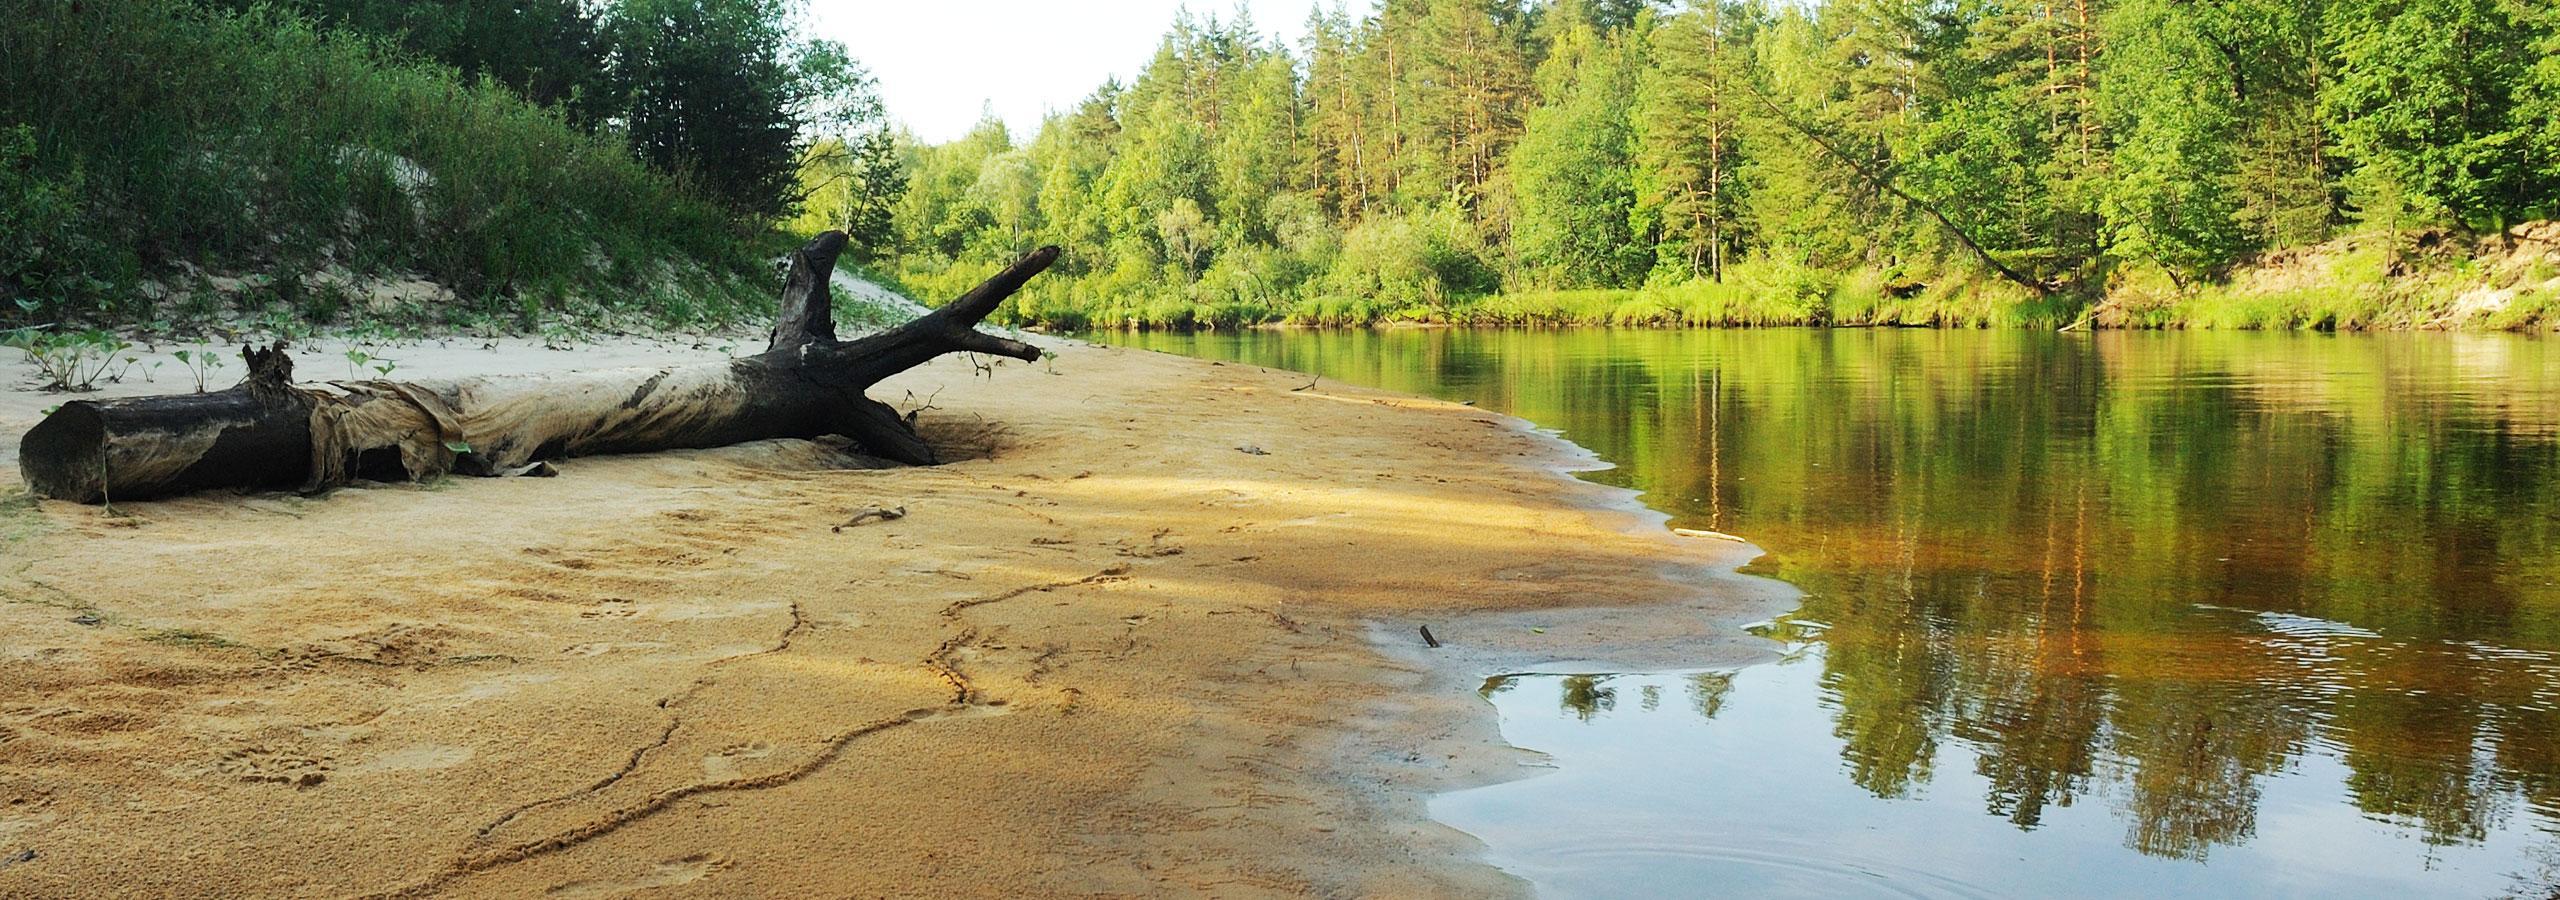 Russian River Vacation Home Rentals Russian River Getaways